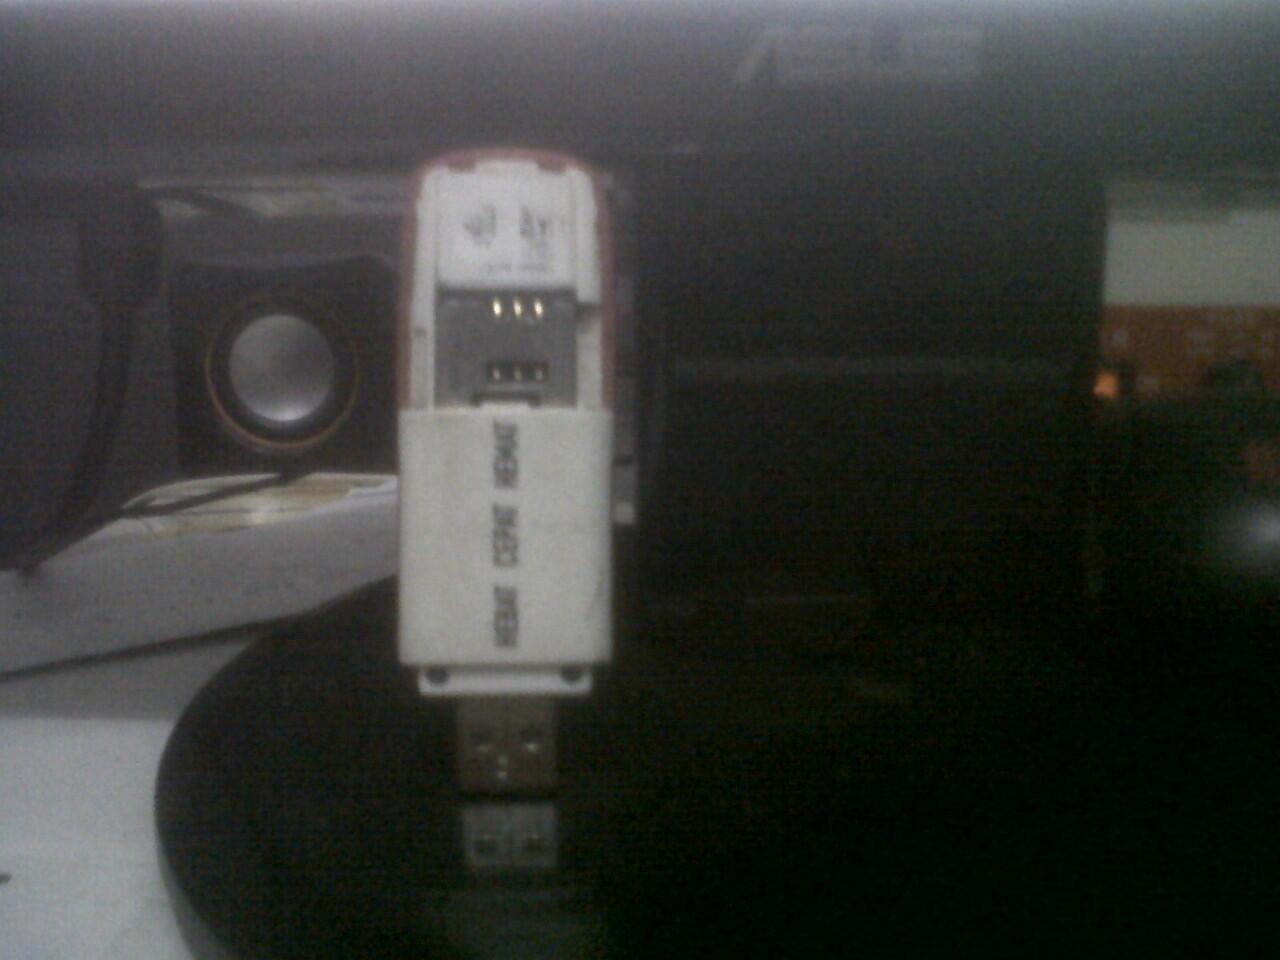 modem Smartfren AC682 EVDO Rev. A. BANDUNG